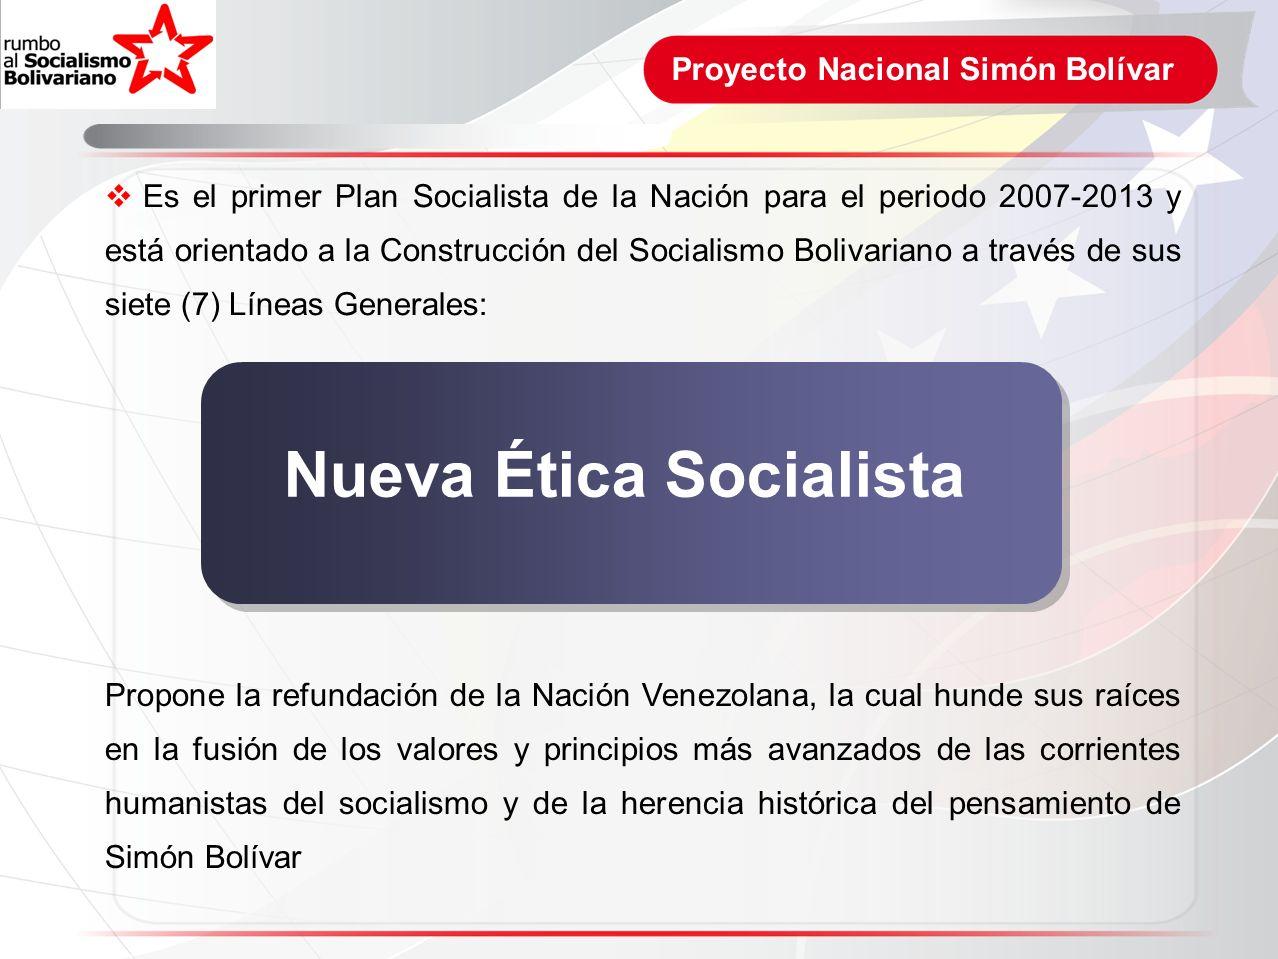 Proyecto Nacional Simón Bolívar Es el primer Plan Socialista de la Nación para el periodo 2007-2013 y está orientado a la Construcción del Socialismo